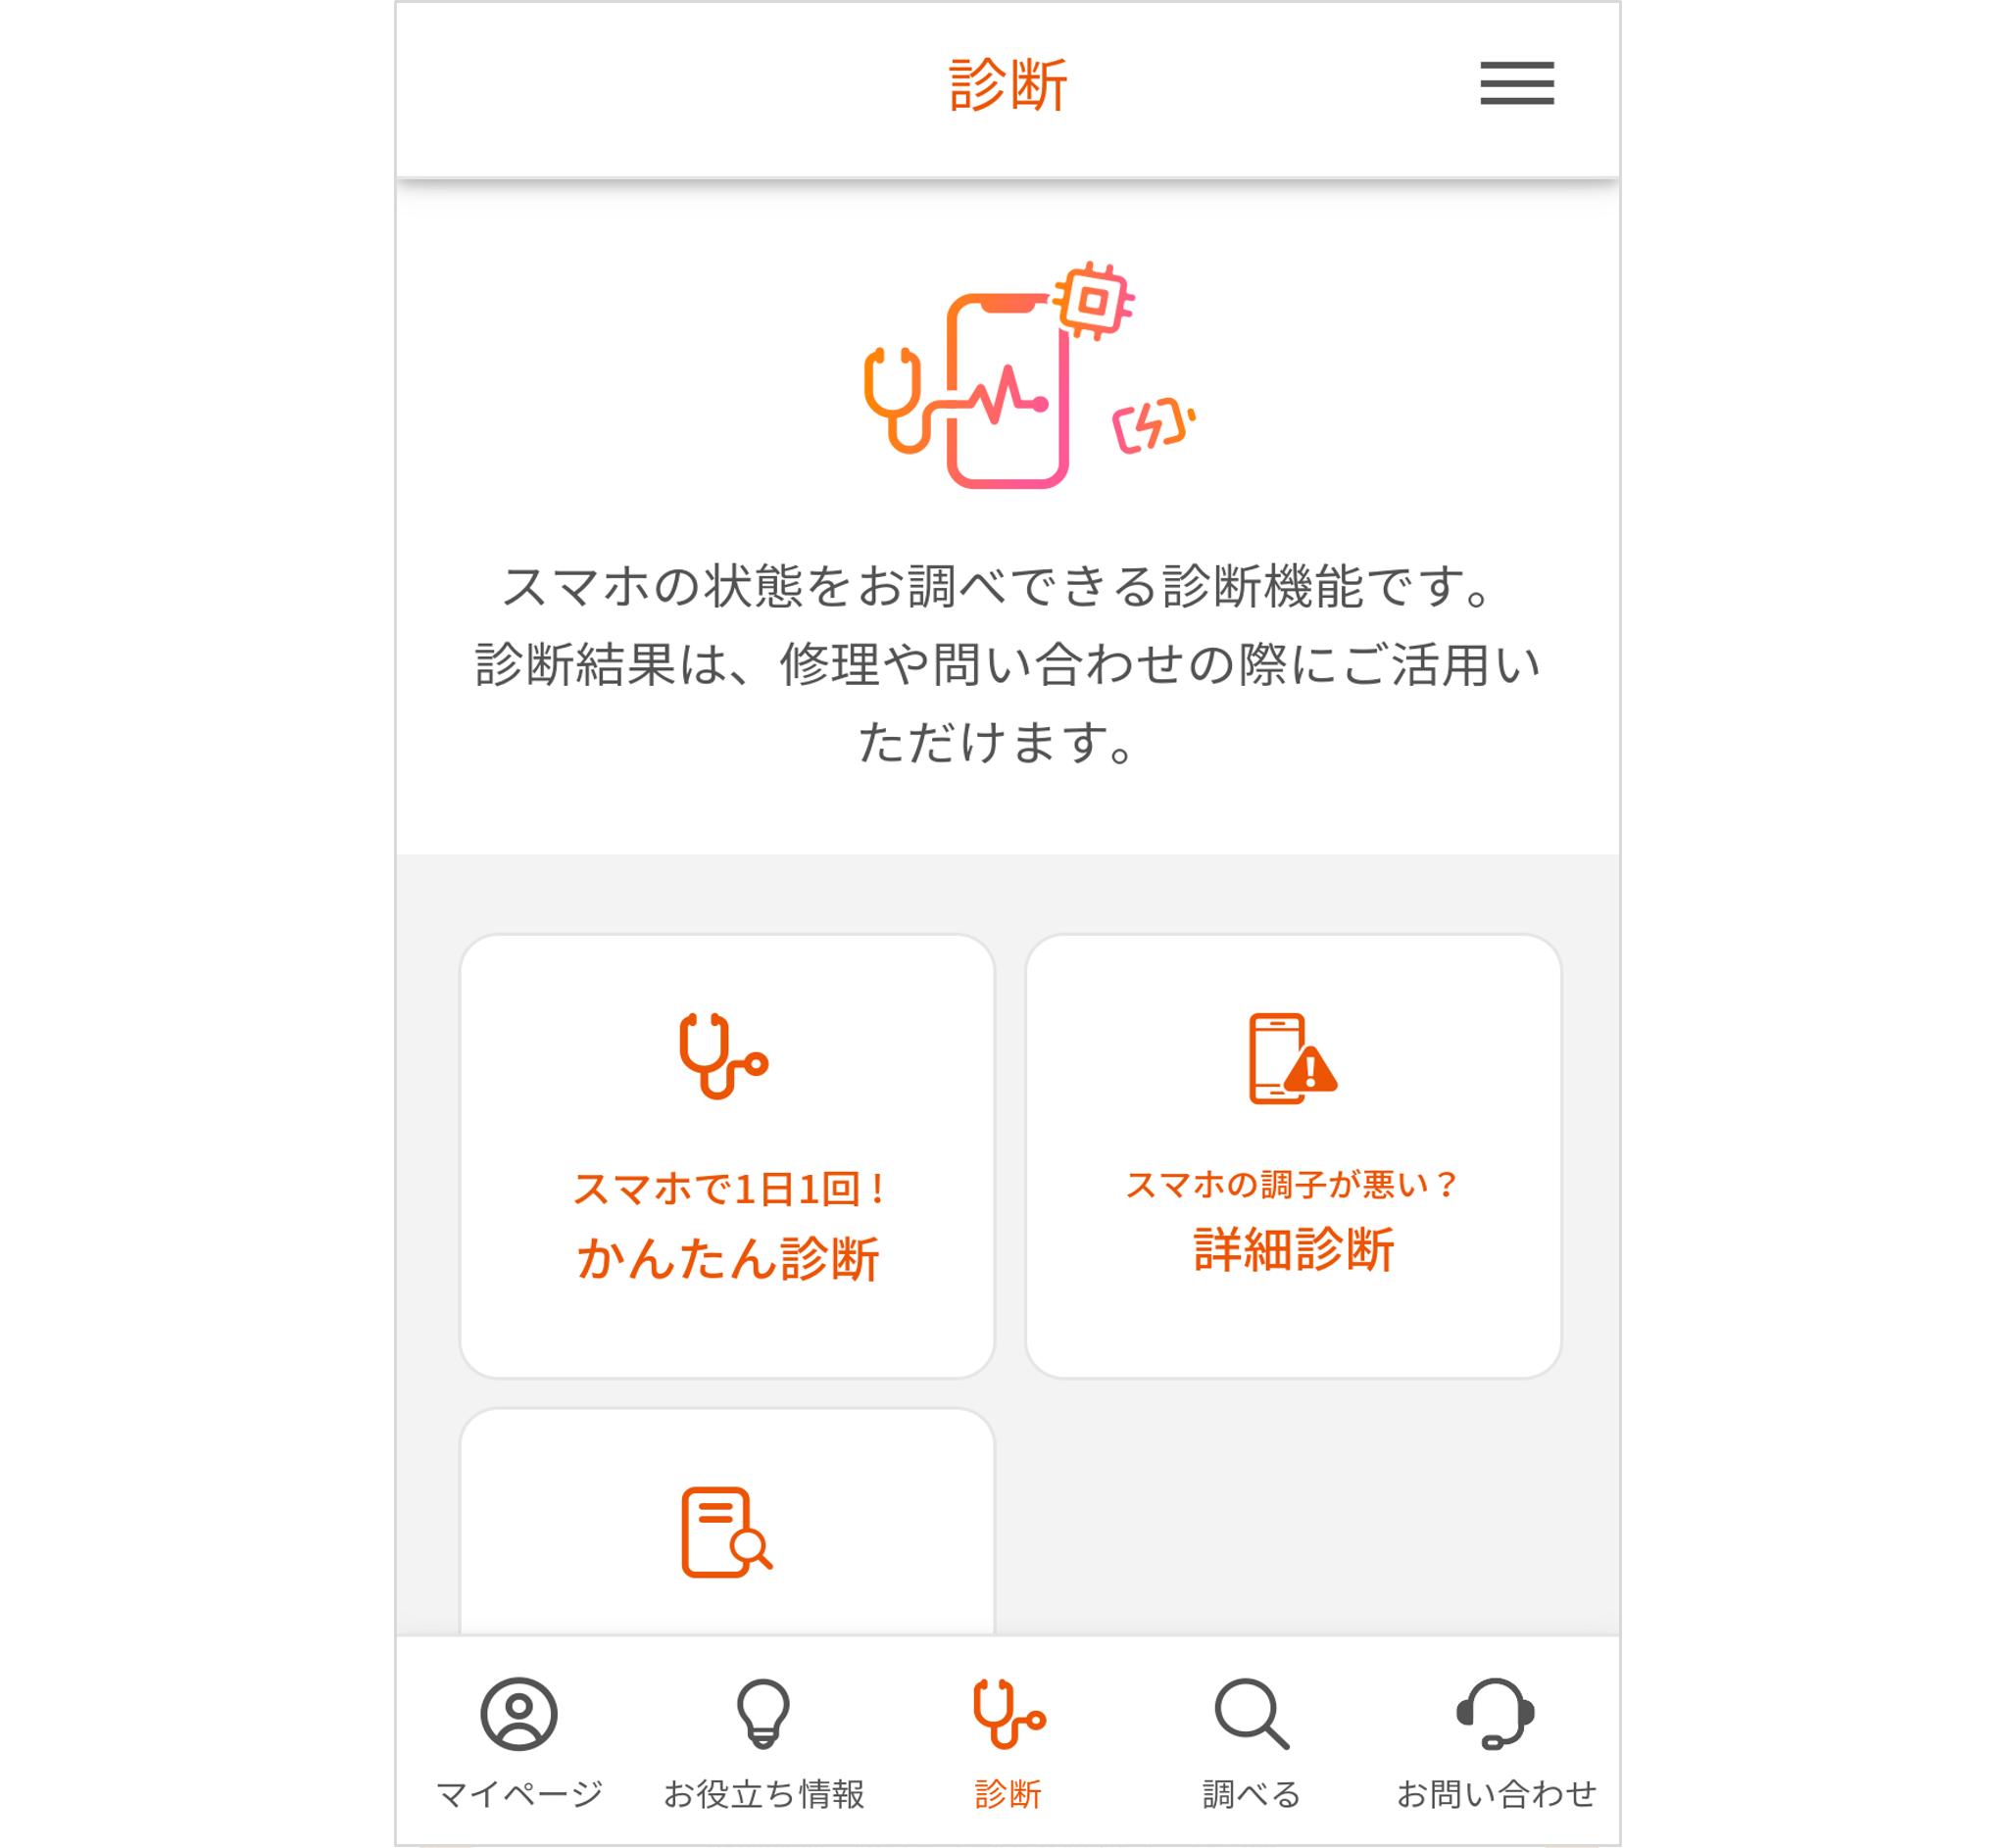 「使い方サポート」アプリの診断メニュー